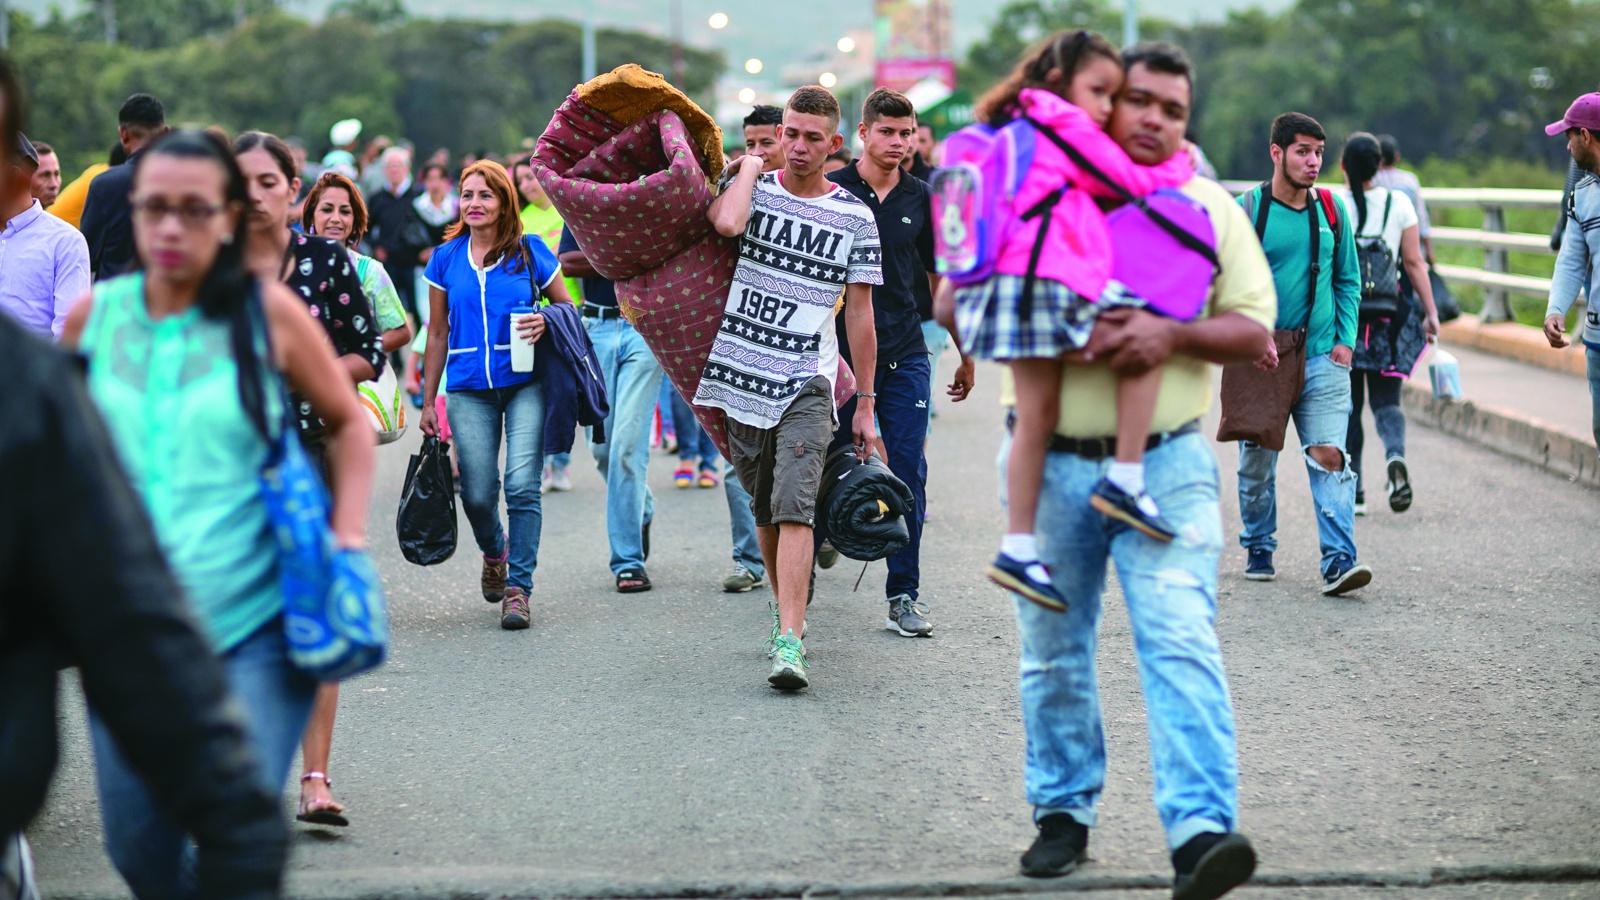 Europa insiste ante la ONU para acabar la crisis en Venezuela